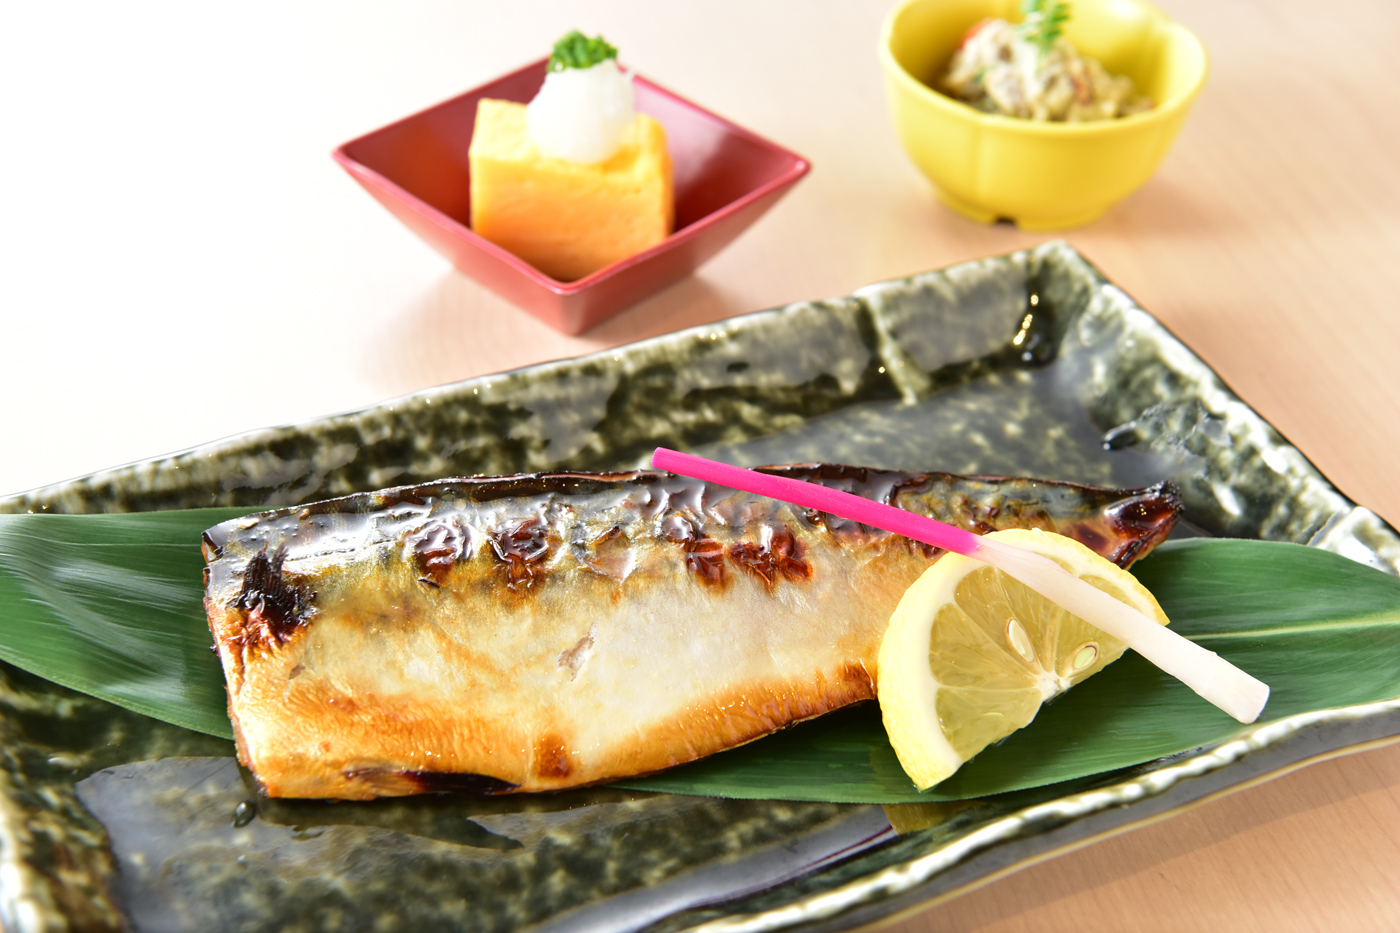 トロサバの味噌麹漬け焼き<br />ごはん・漬物・みそ汁・ドリンク付